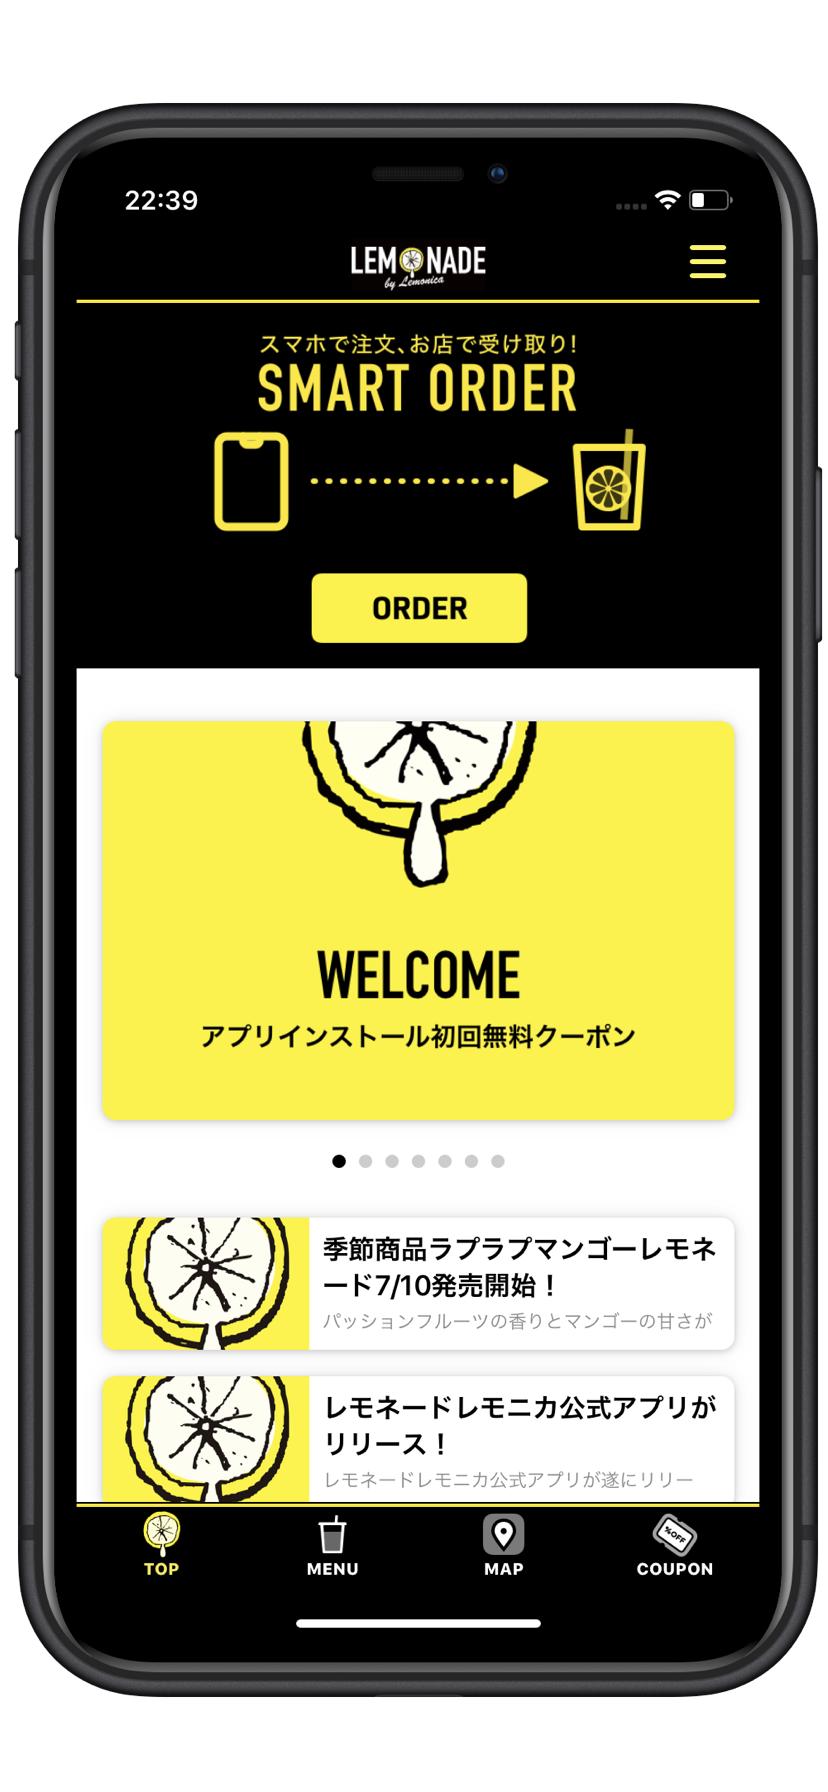 モバイルオーダーアプリ「FWモバイル」が、大人気レモネードブランドLEMONADE by Lemonicaと提携。100万人規模の大型 DLキャンペーンを開催